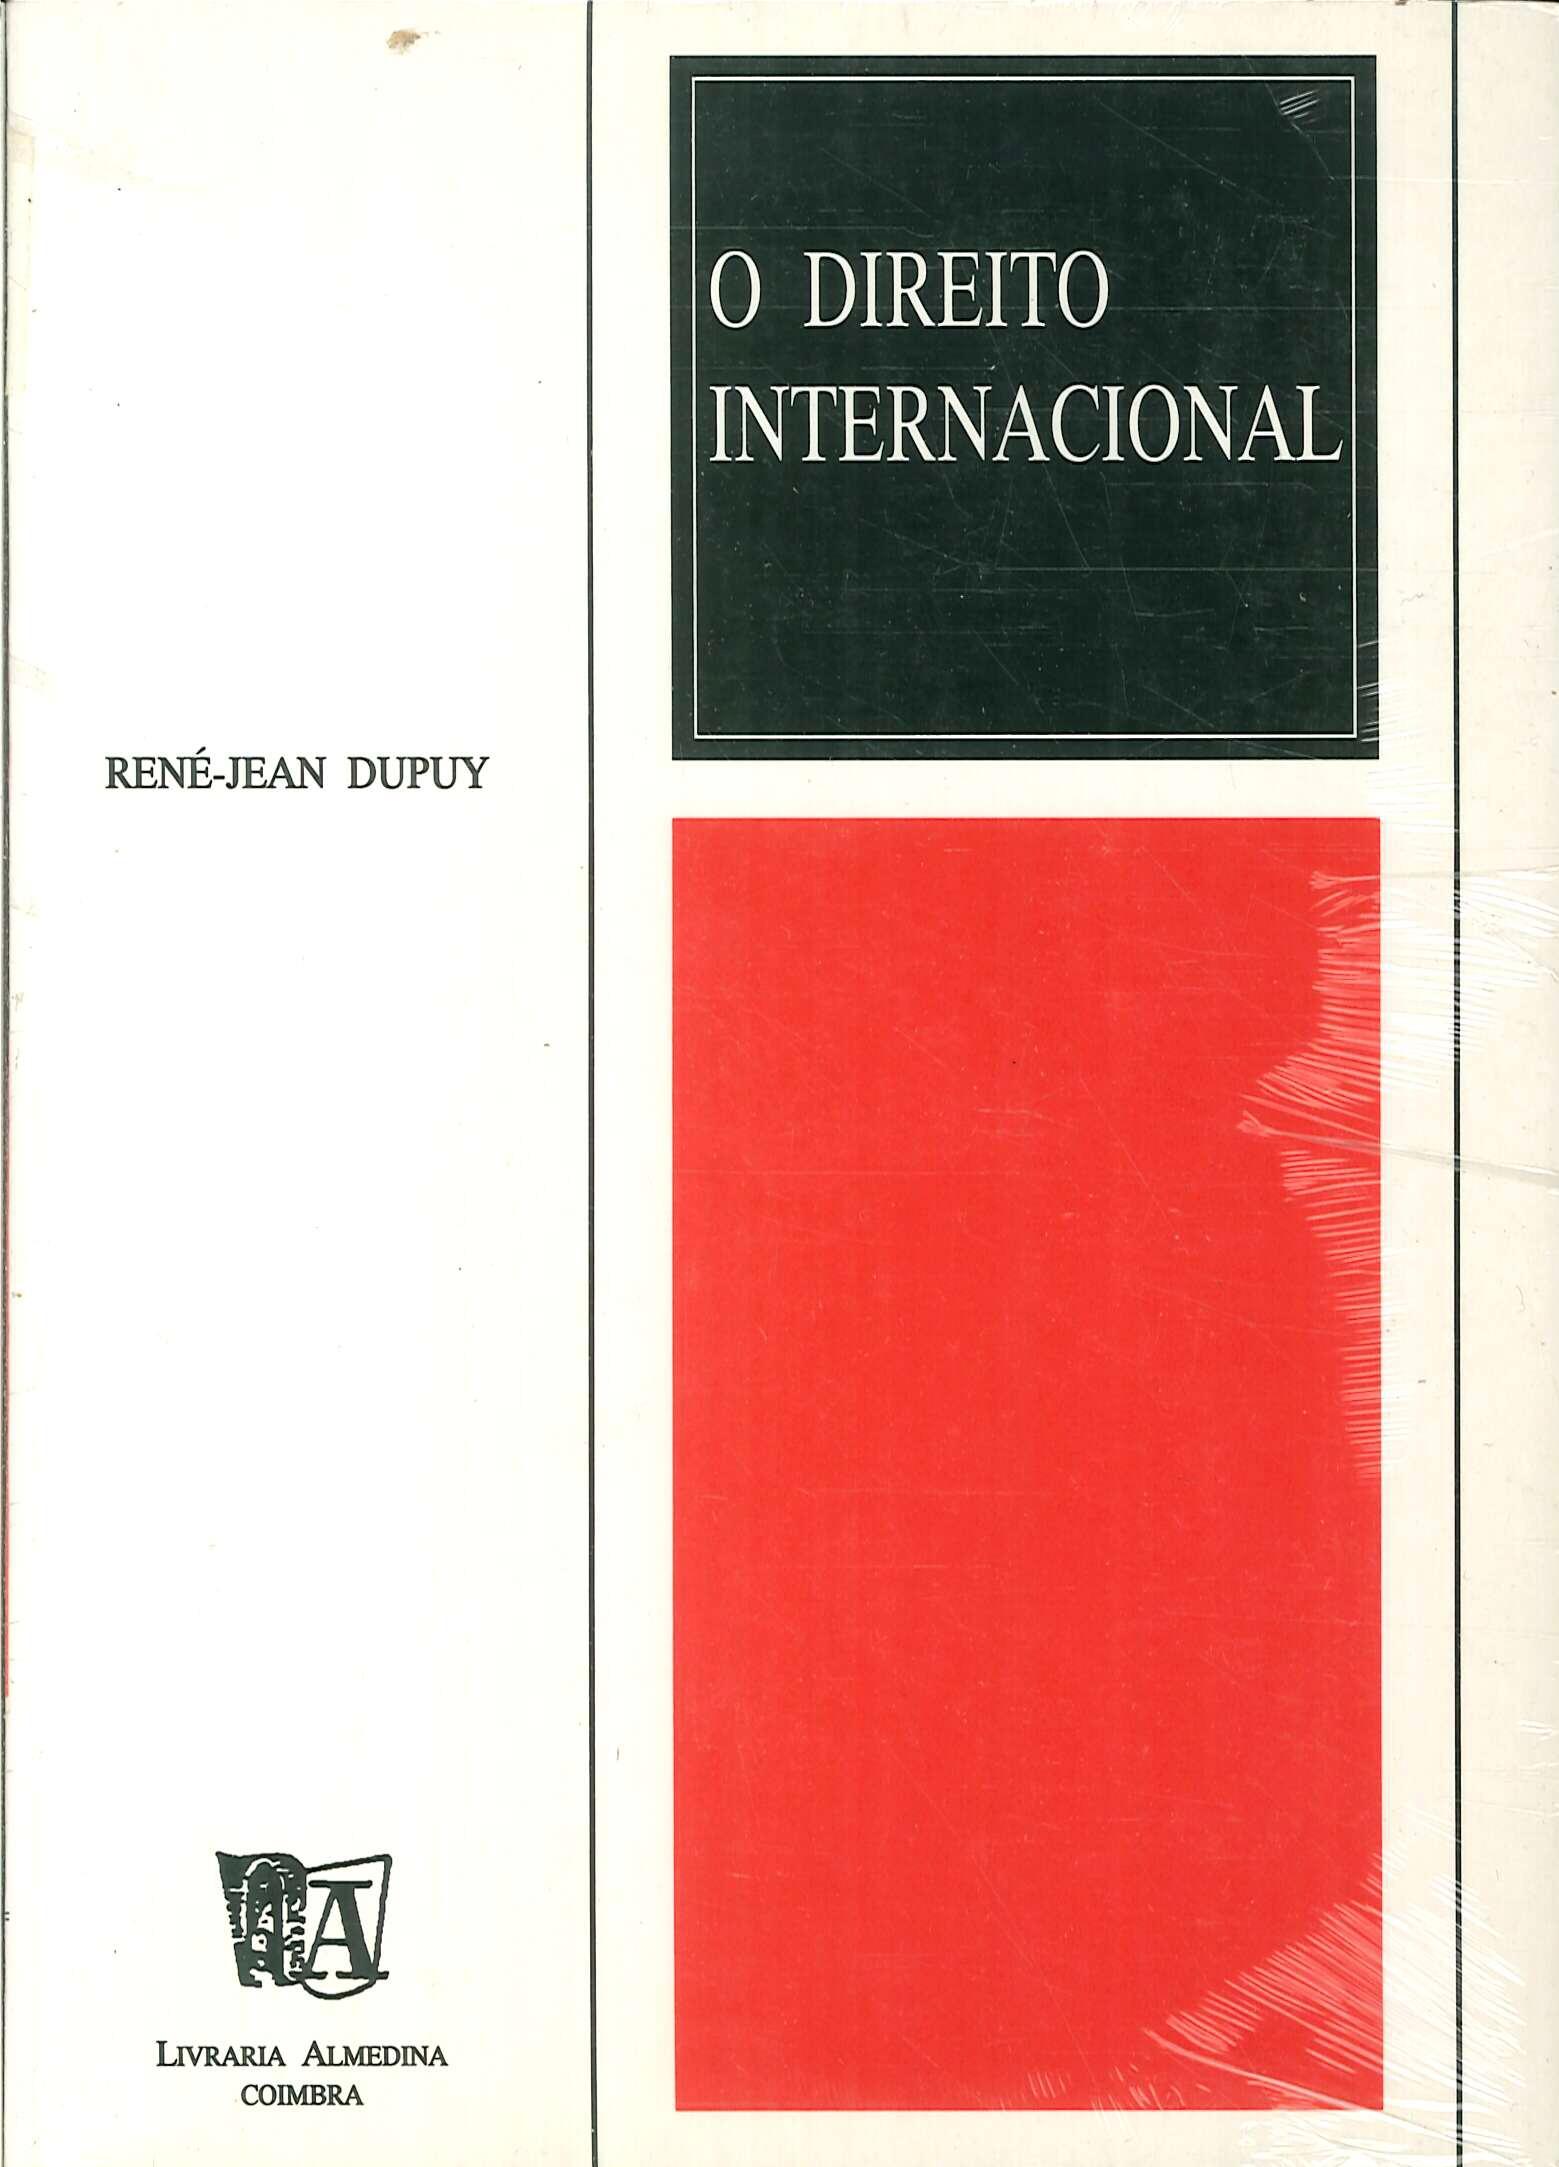 O Direito Internacional